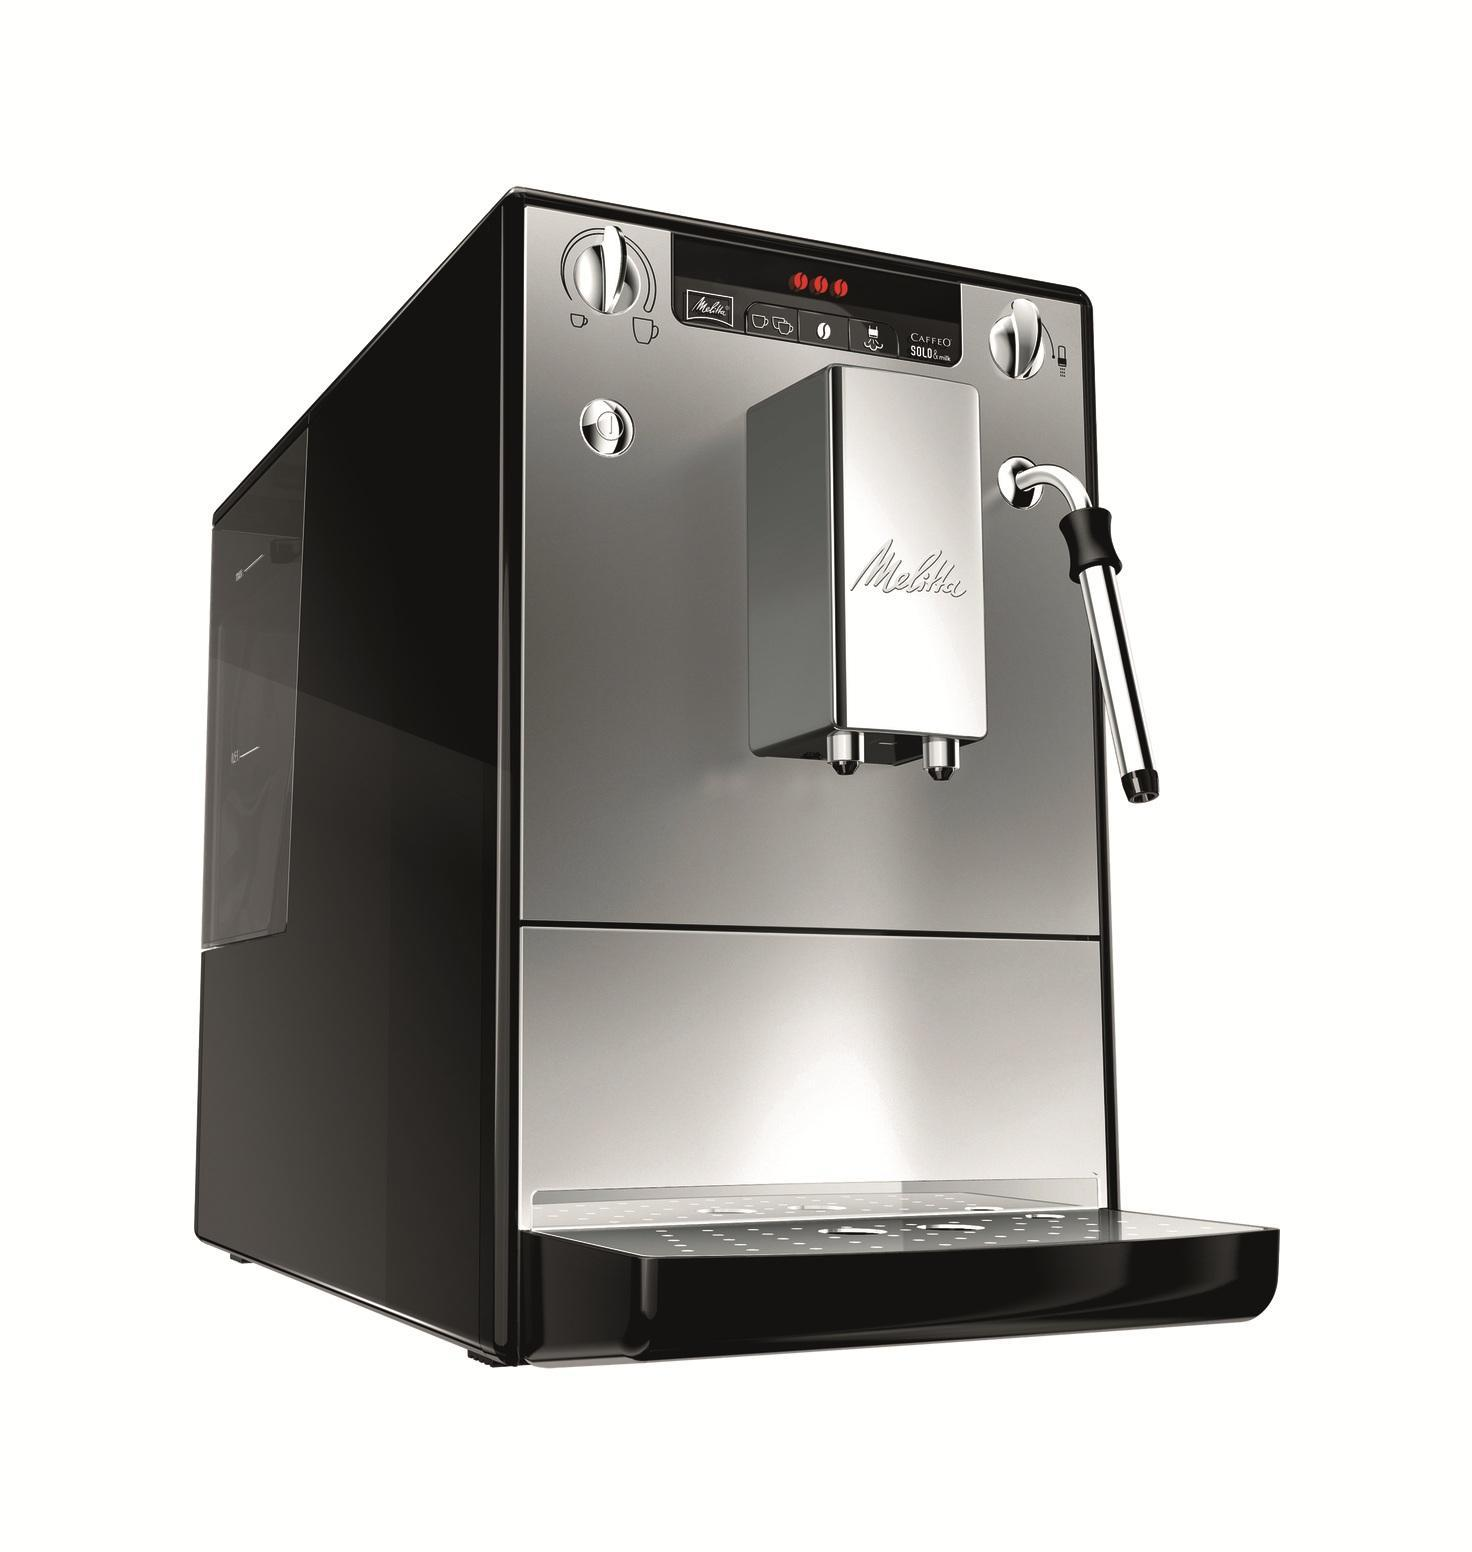 Melitta Caffeo Solo&milk E953-102, Silver Black кофемашинаCaffeo Solo&milk Silver BlackАвтоматическая кофемашина Caffeo Solo&milk компании Melitta для приготовления кофейных напитков из зернового или молотого кофе. Функциональна, обладает повышенной работоспособностью. Оснащена капучинатором Panarello, который дает порцию горячей воды, подогревает и вспенивает молоко. Съемный заварной механизм имеет функцию предварительного смачивания, благодаря чему раскрывается полностью вкус и аромат кофе. Строгость и компактностьMelitta E 953 является одной из самых маленьких кофемашин в мире. И тем не менее, этого вполне достаточно для высоких технологий Melitta и чистого наслаждения кофе. Индивидуальные настройки приготовления кофеНаслаждение без компромиссов: вы выбираете крепость и температуру своего кофе. Кроме того, одним поворотом регулятора вы также программируете количество кофе в соответствии с размером чашки. Специальная система предварительного заваривания кофеДля того, чтобы вы получили максимальное удовольствие, Melitta E 953 использует функцию предварительного смачивания кофе. Для получения максимально ароматного кофе уже смолотый кофе, непосредственно перед заваркой, обдается водой. Для оптимальной очистки система легко вынимается. Выключение до 0 ВтПри выключении до 0 Вт Melitta E 953 прерывает подключение к электросети. Ваши личные настройки, разумеется, сохраняются. Эту функцию включения/выключения можно также запрограммировать, чтобы в заданное время подключение к электросети было автоматически прервано. Регулируемый по высоте вывод кофеРегулируемый по высоте вывод кофе до 135 мм для одной или двух чашек, кружек или стаканов для латте маккиатто. Приготовление двух чашекMelitta E 953 приготовит 2 чашки напитка одним нажатием кнопки. Капучинатор PanarelloКапучинатор с легкостью взобьет молоко в воздушную пену либо подогреет молоко. Капучинатор можно легко снять и промыть.